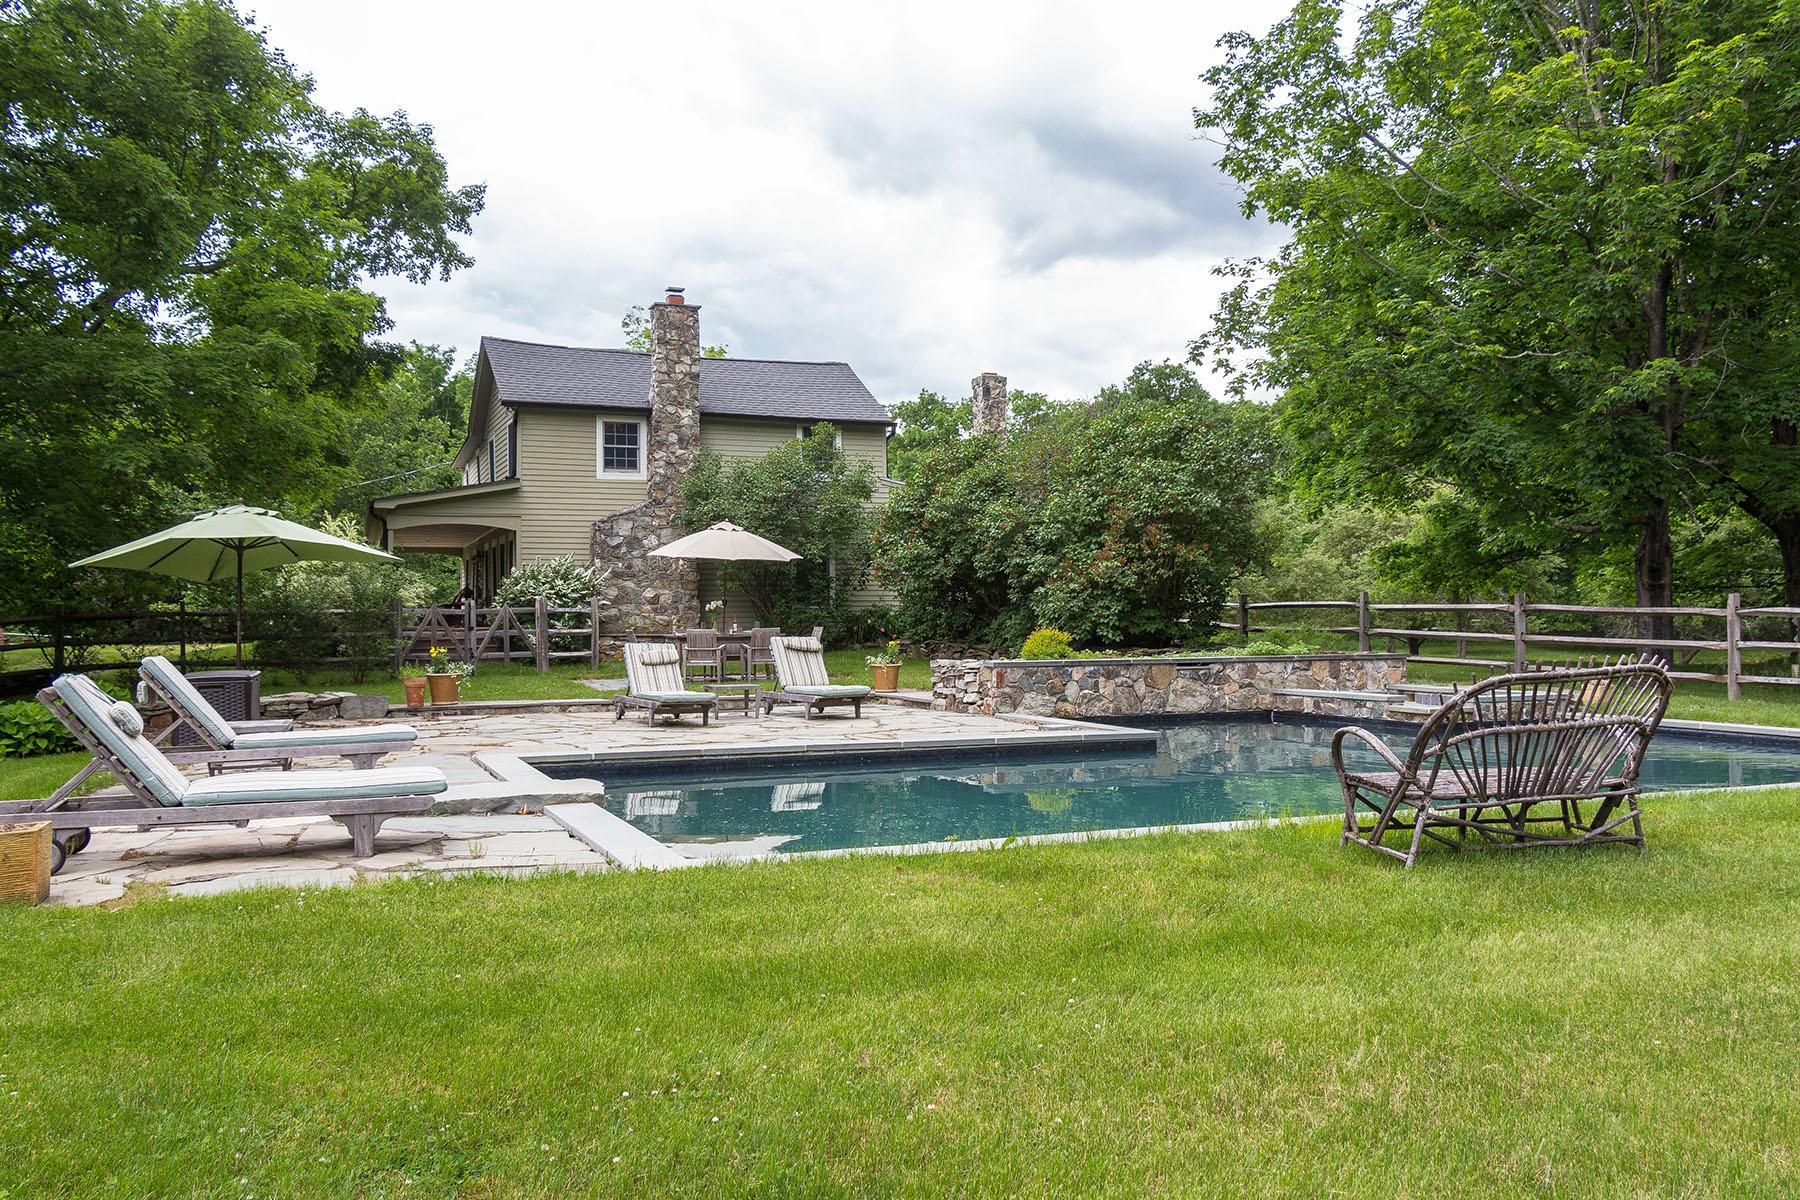 独户住宅 为 销售 在 1750 Dutchess County Farmhouse 112 Ohland Road 斯坦福维尔, 纽约州 12581 美国